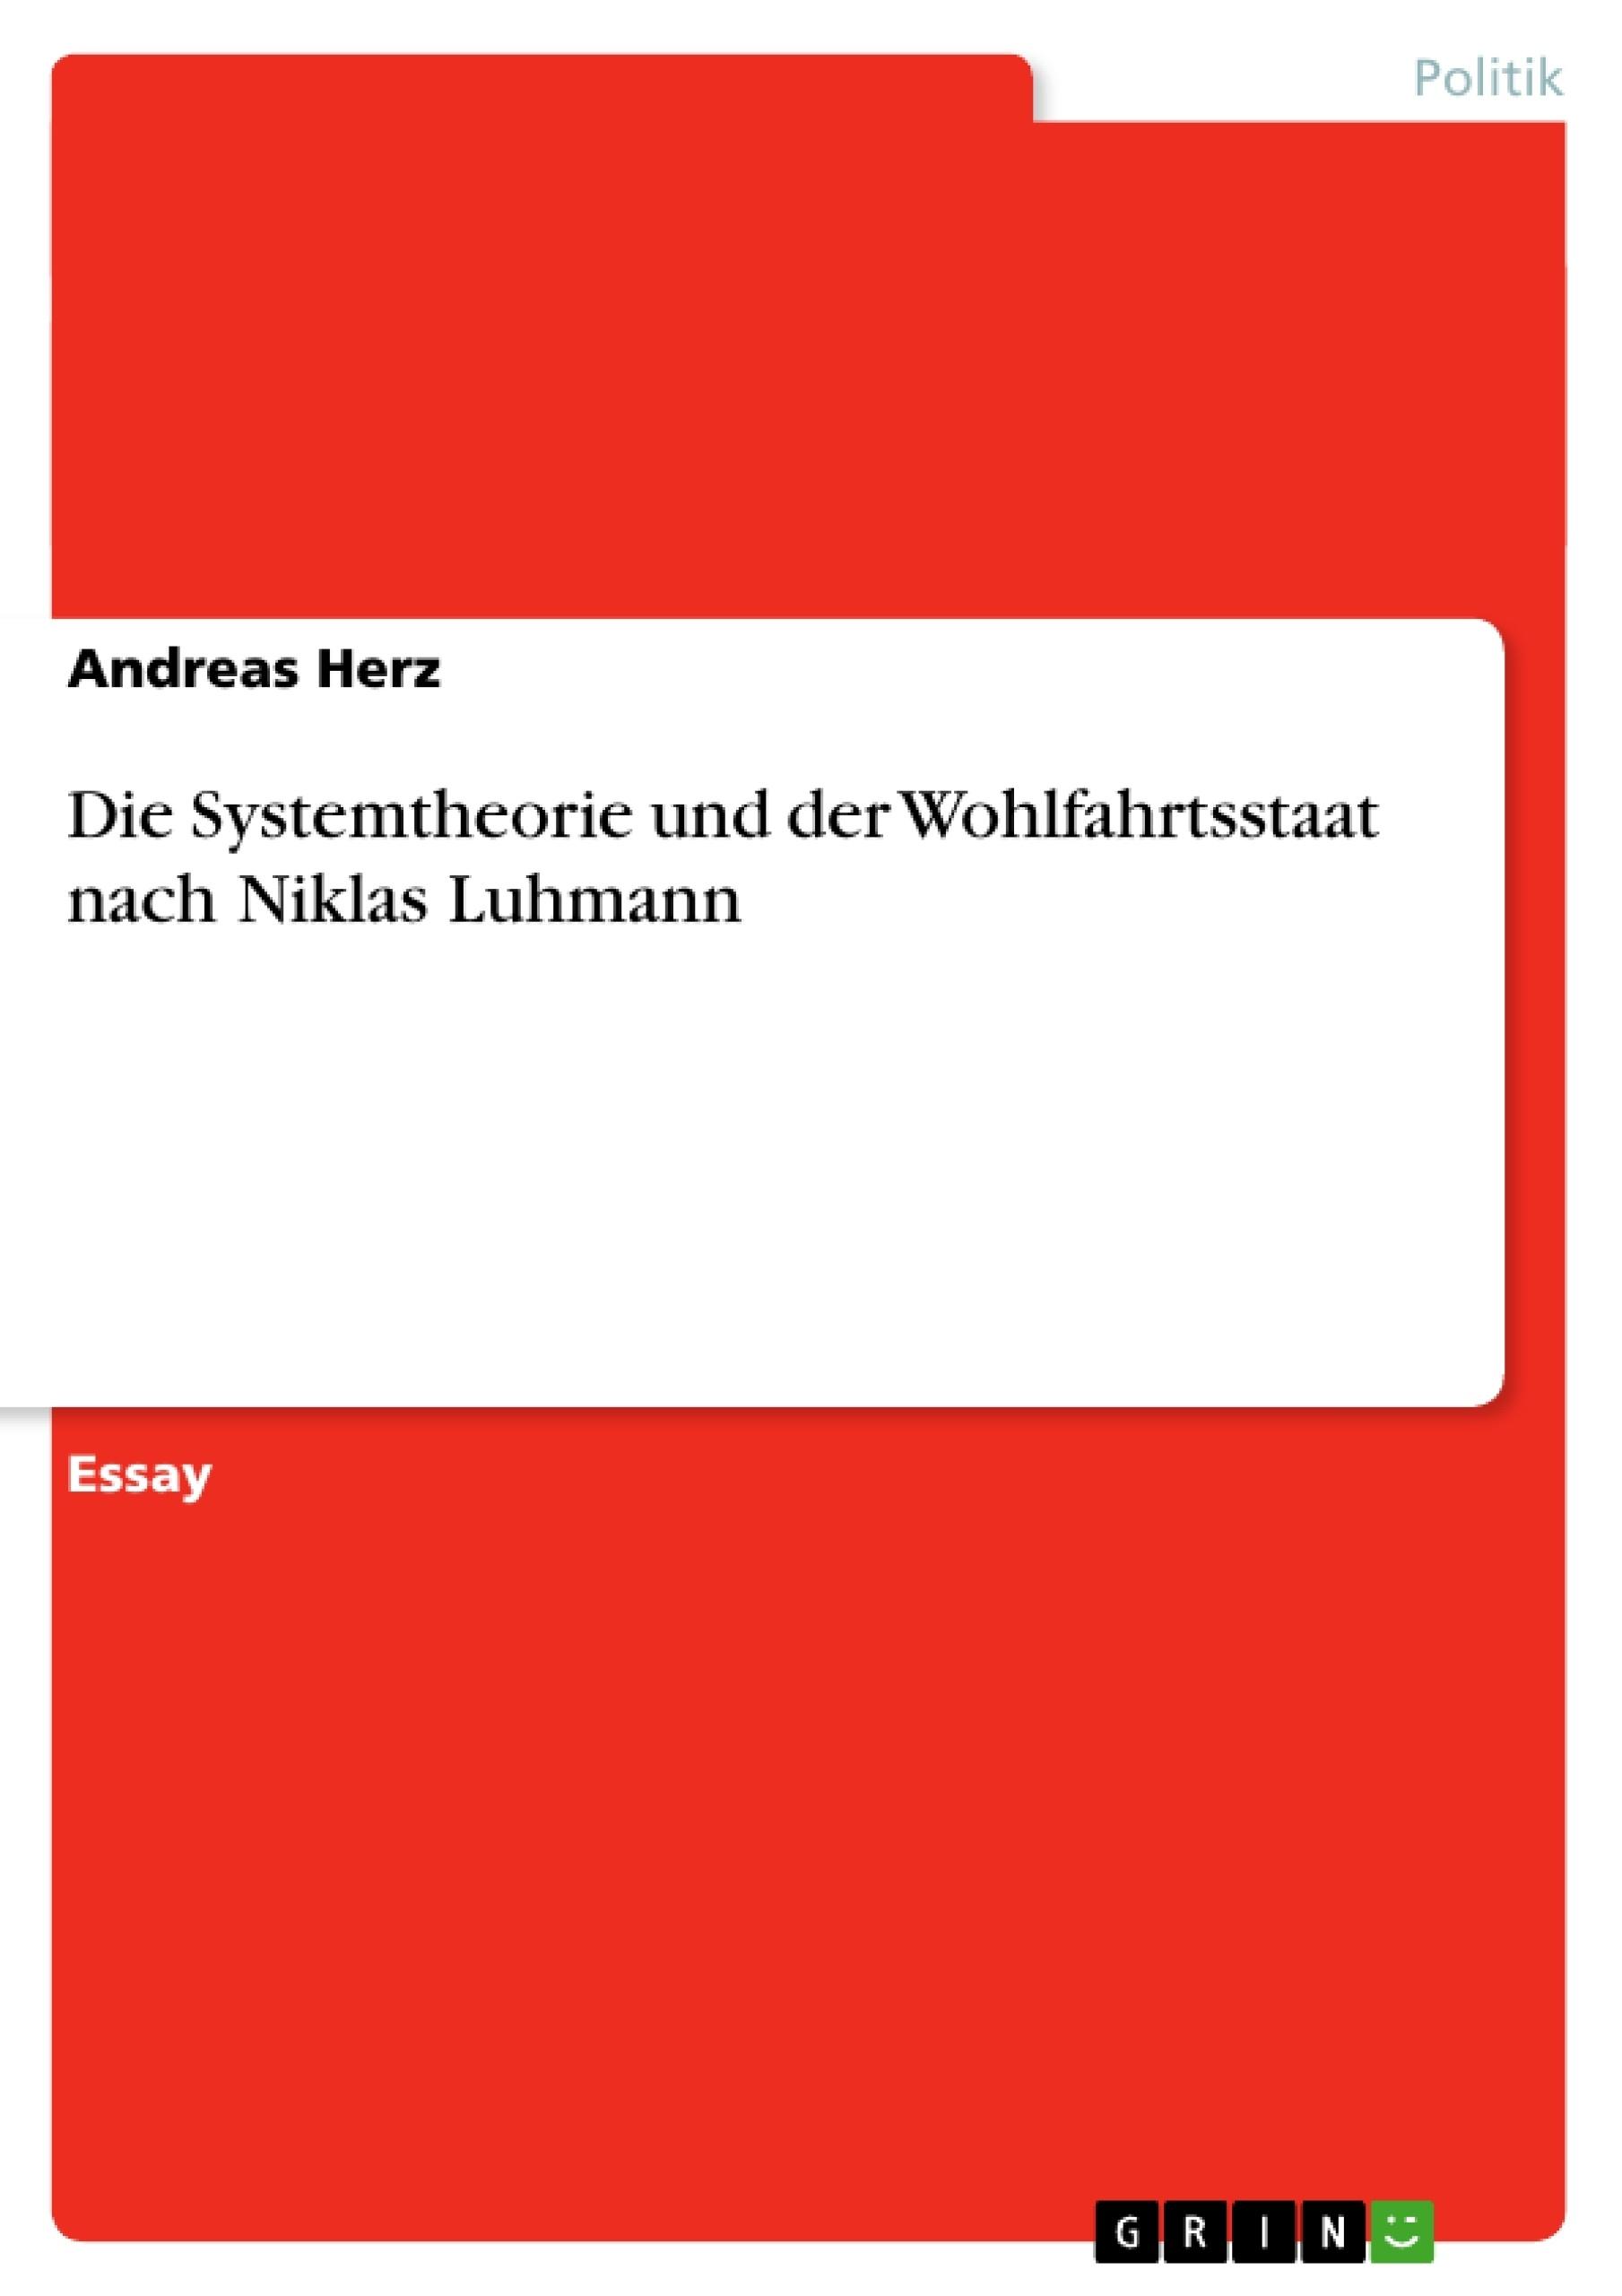 Titel: Die Systemtheorie und der Wohlfahrtsstaat nach Niklas Luhmann